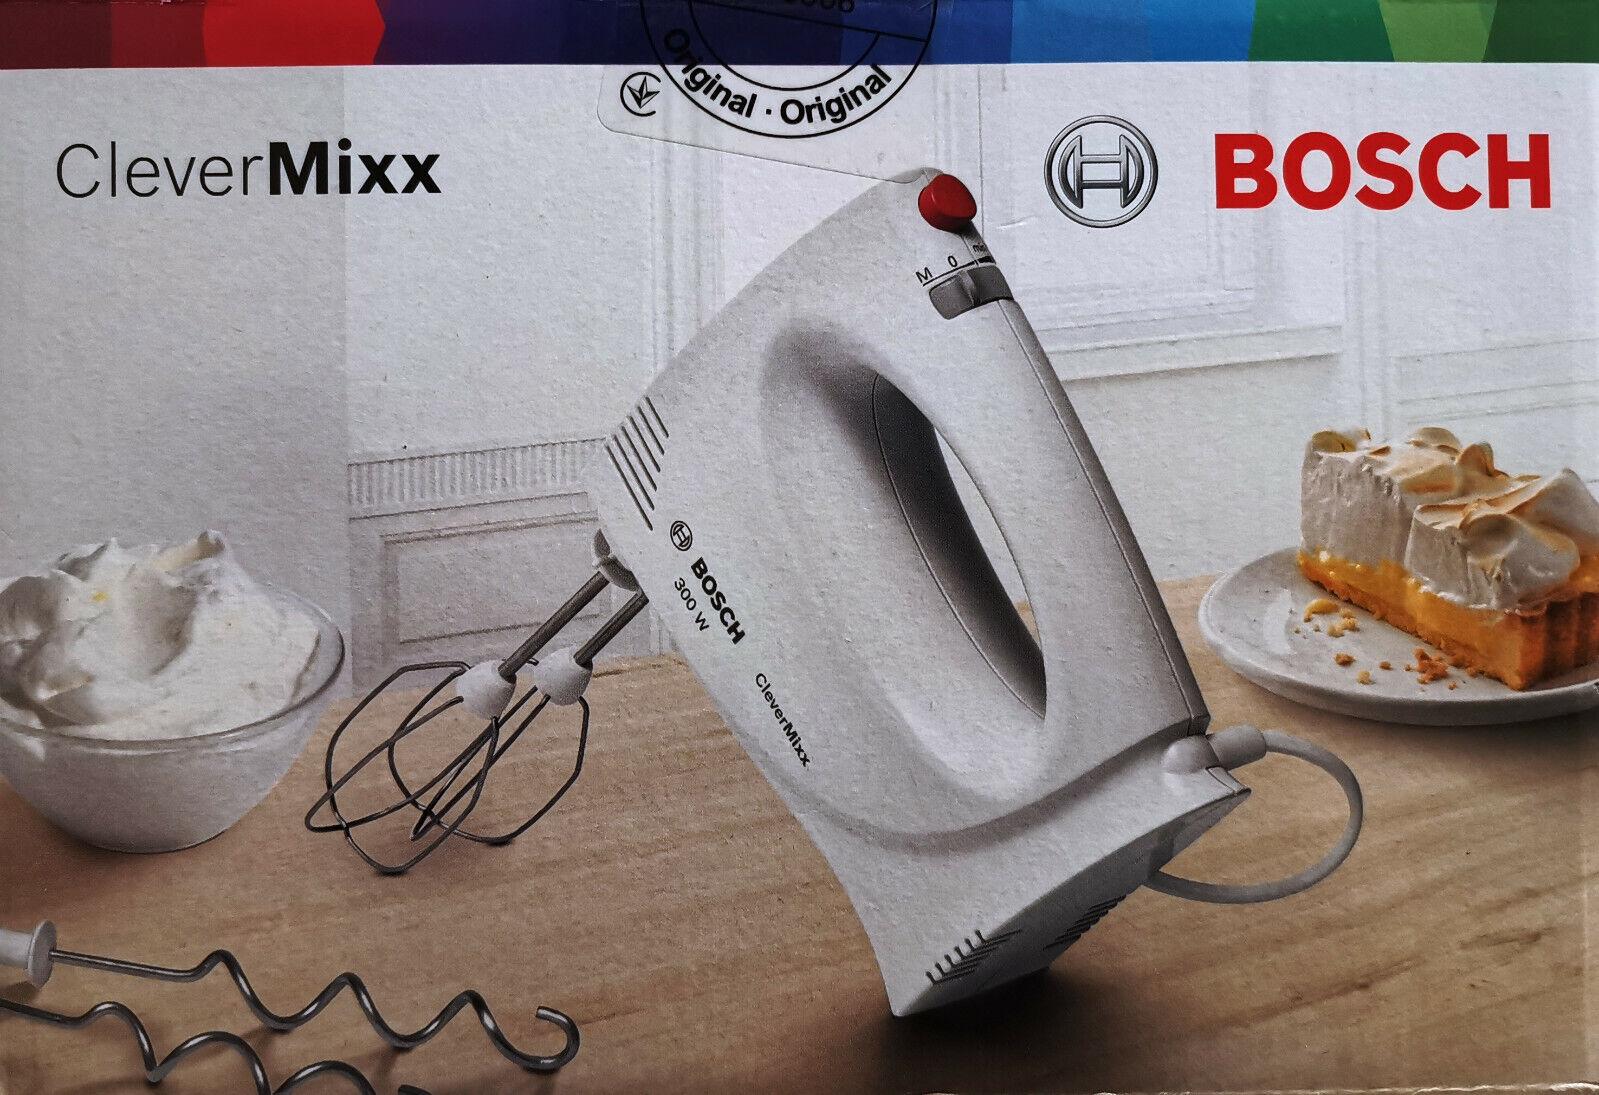 Bosch CleverMixx Handrührgerät Rührgerät Handmixer 300 W 2 Geschwindigkeiten